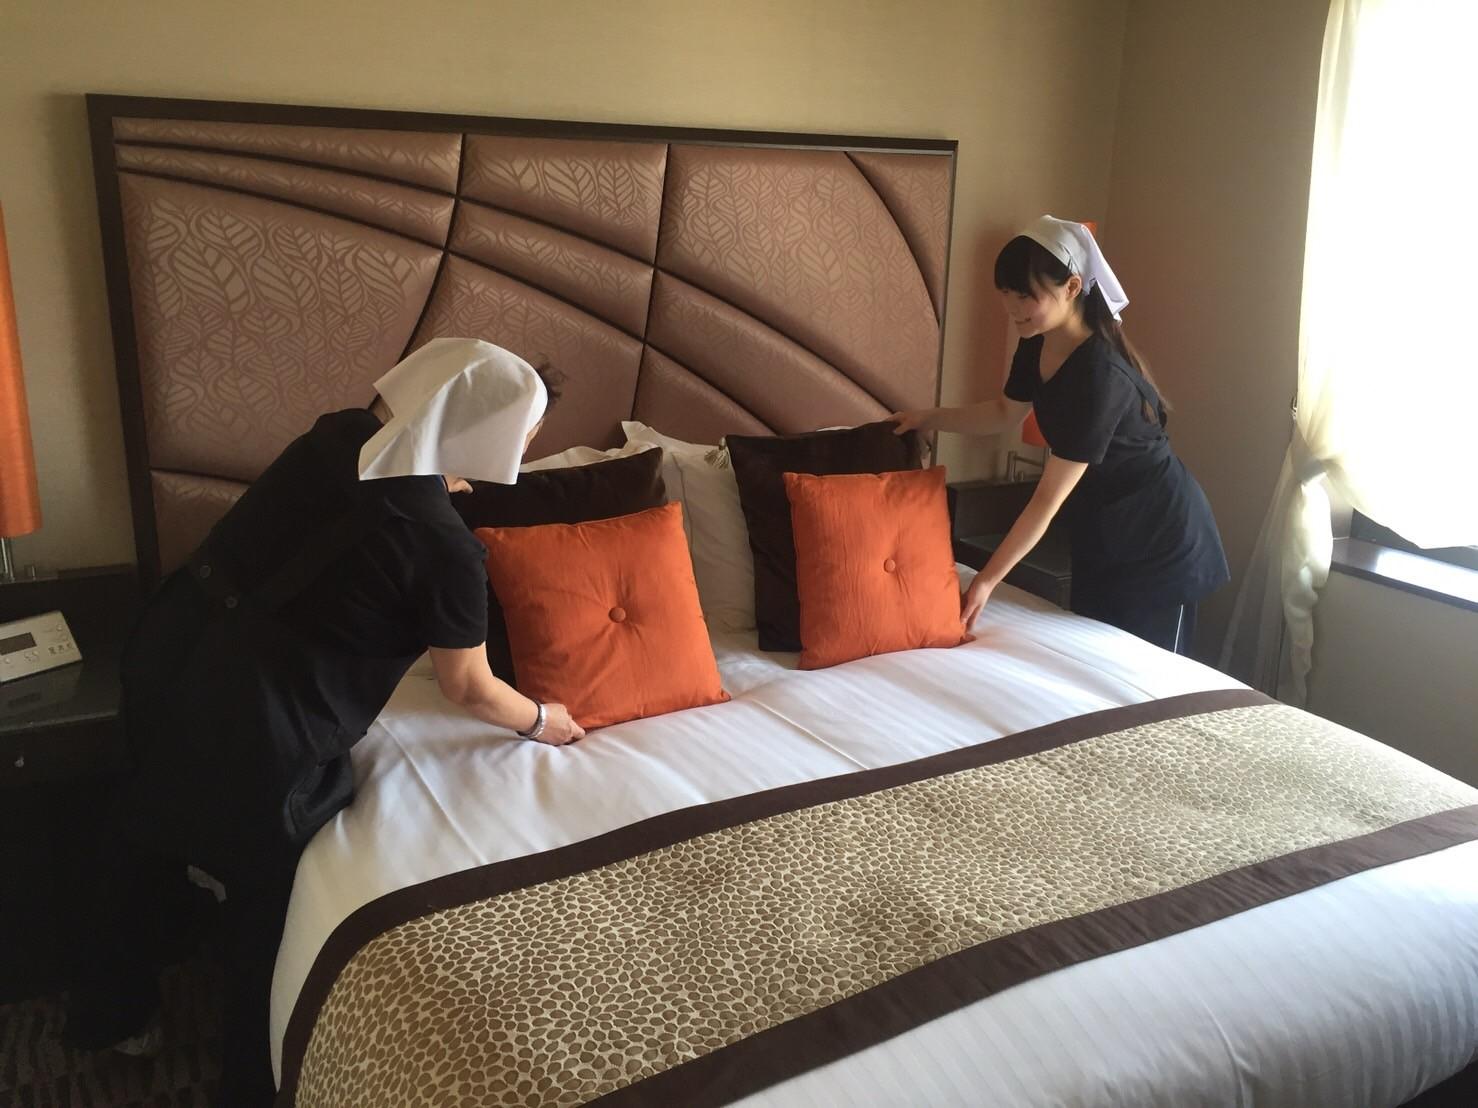 ホテルの清掃業務。自宅で活かせるスキルをたくさん学べます